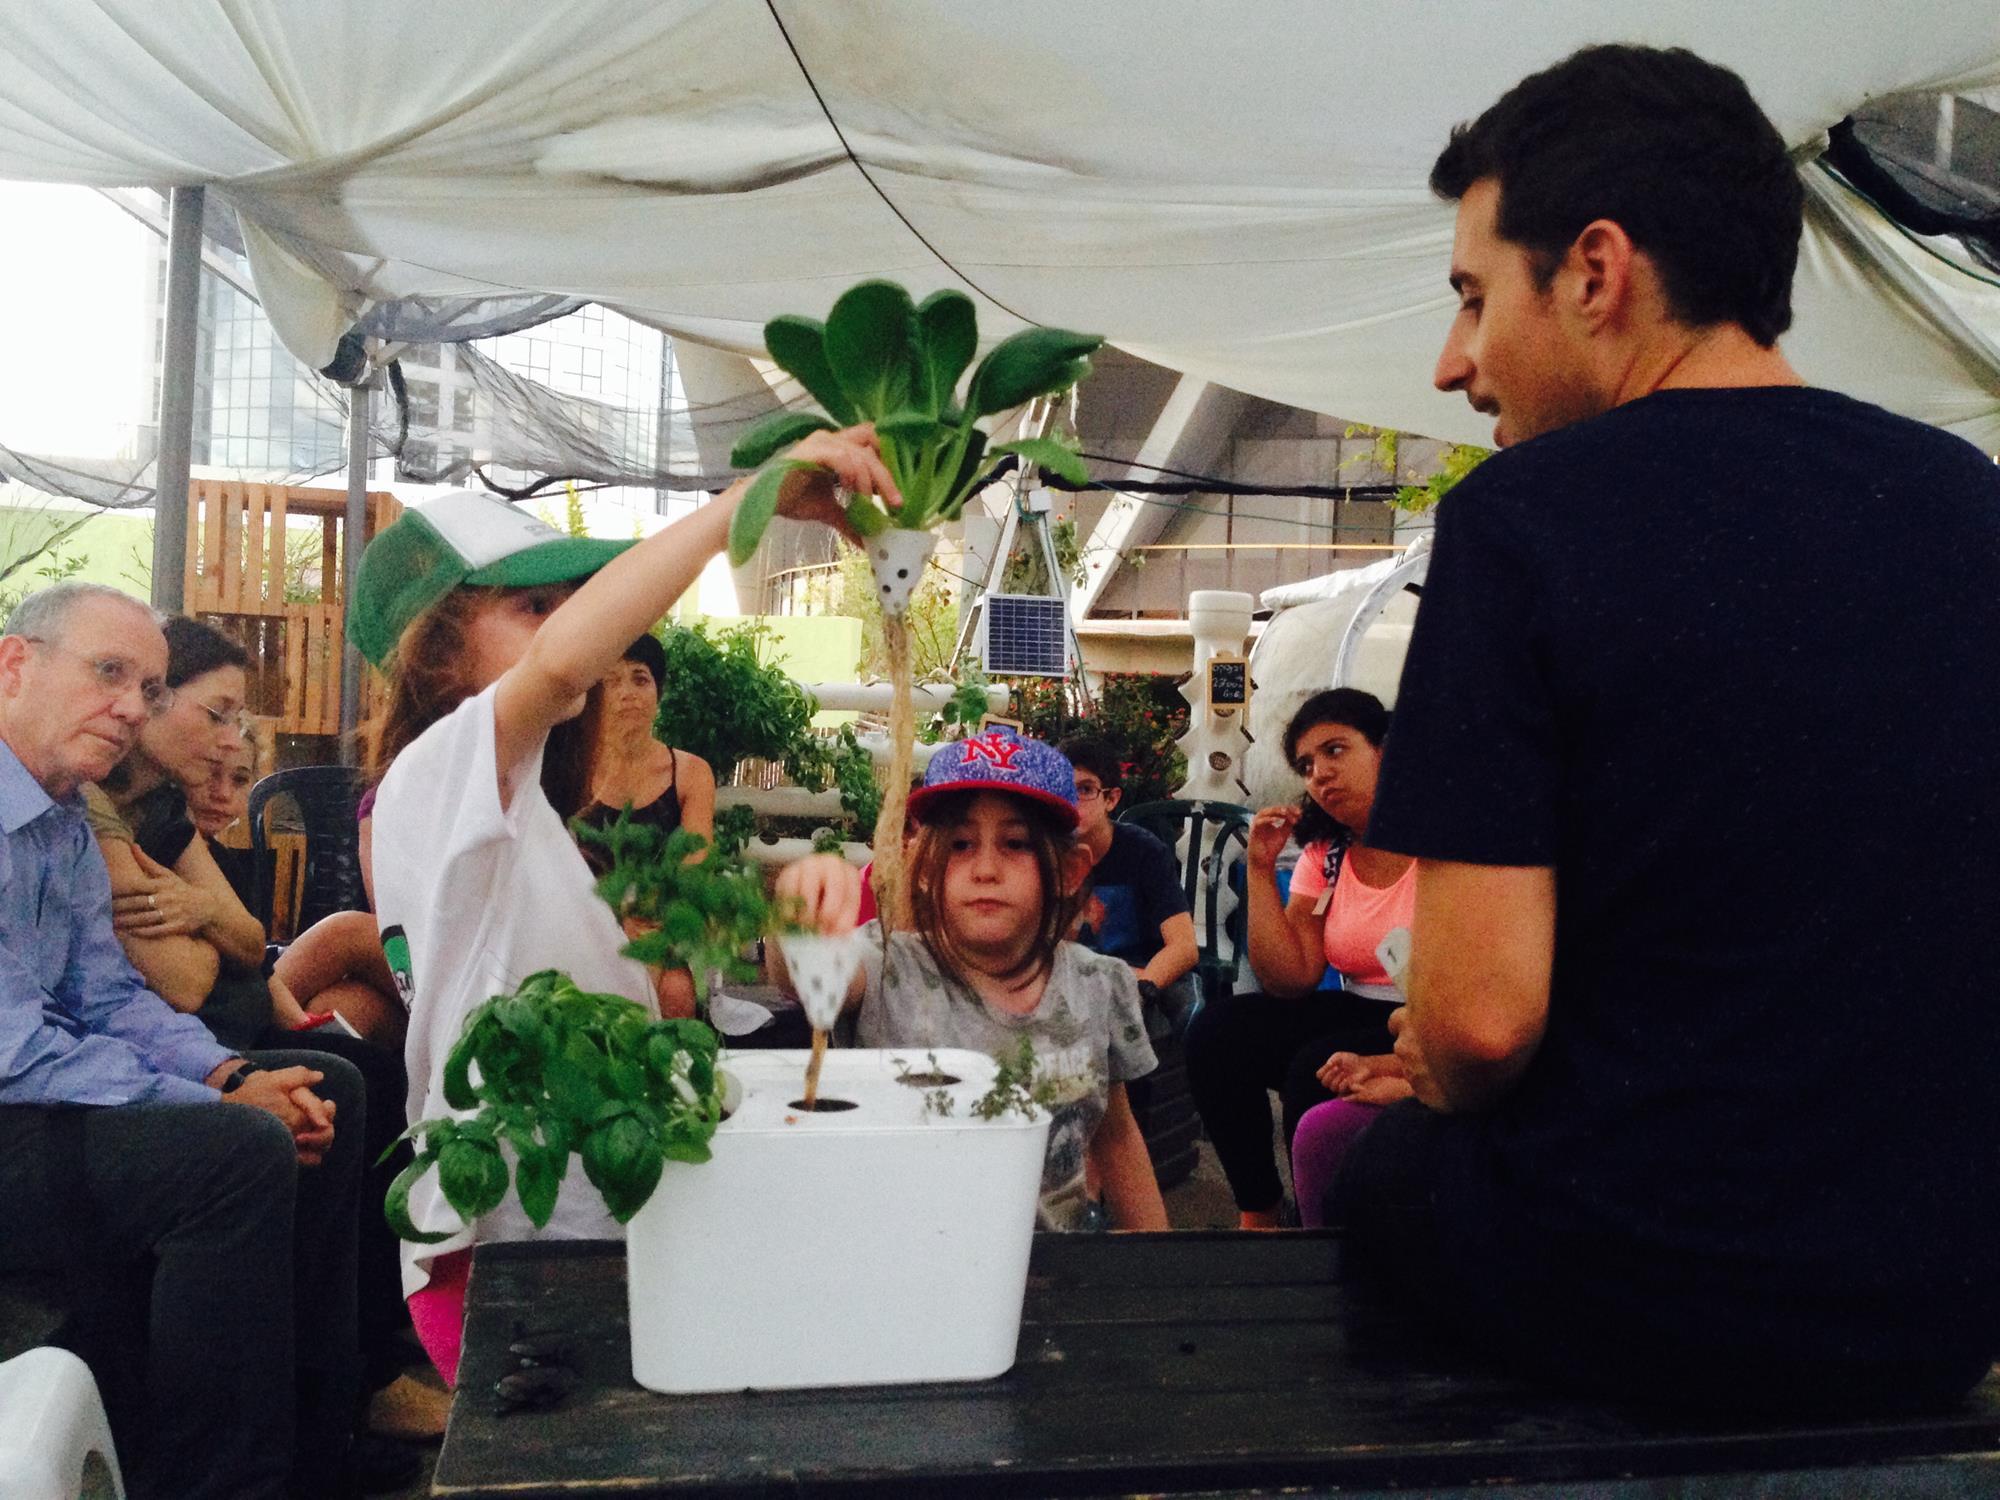 להיות חקלאים עירוניים – סדנה להורים ונוער בחוות ירוק בעיר